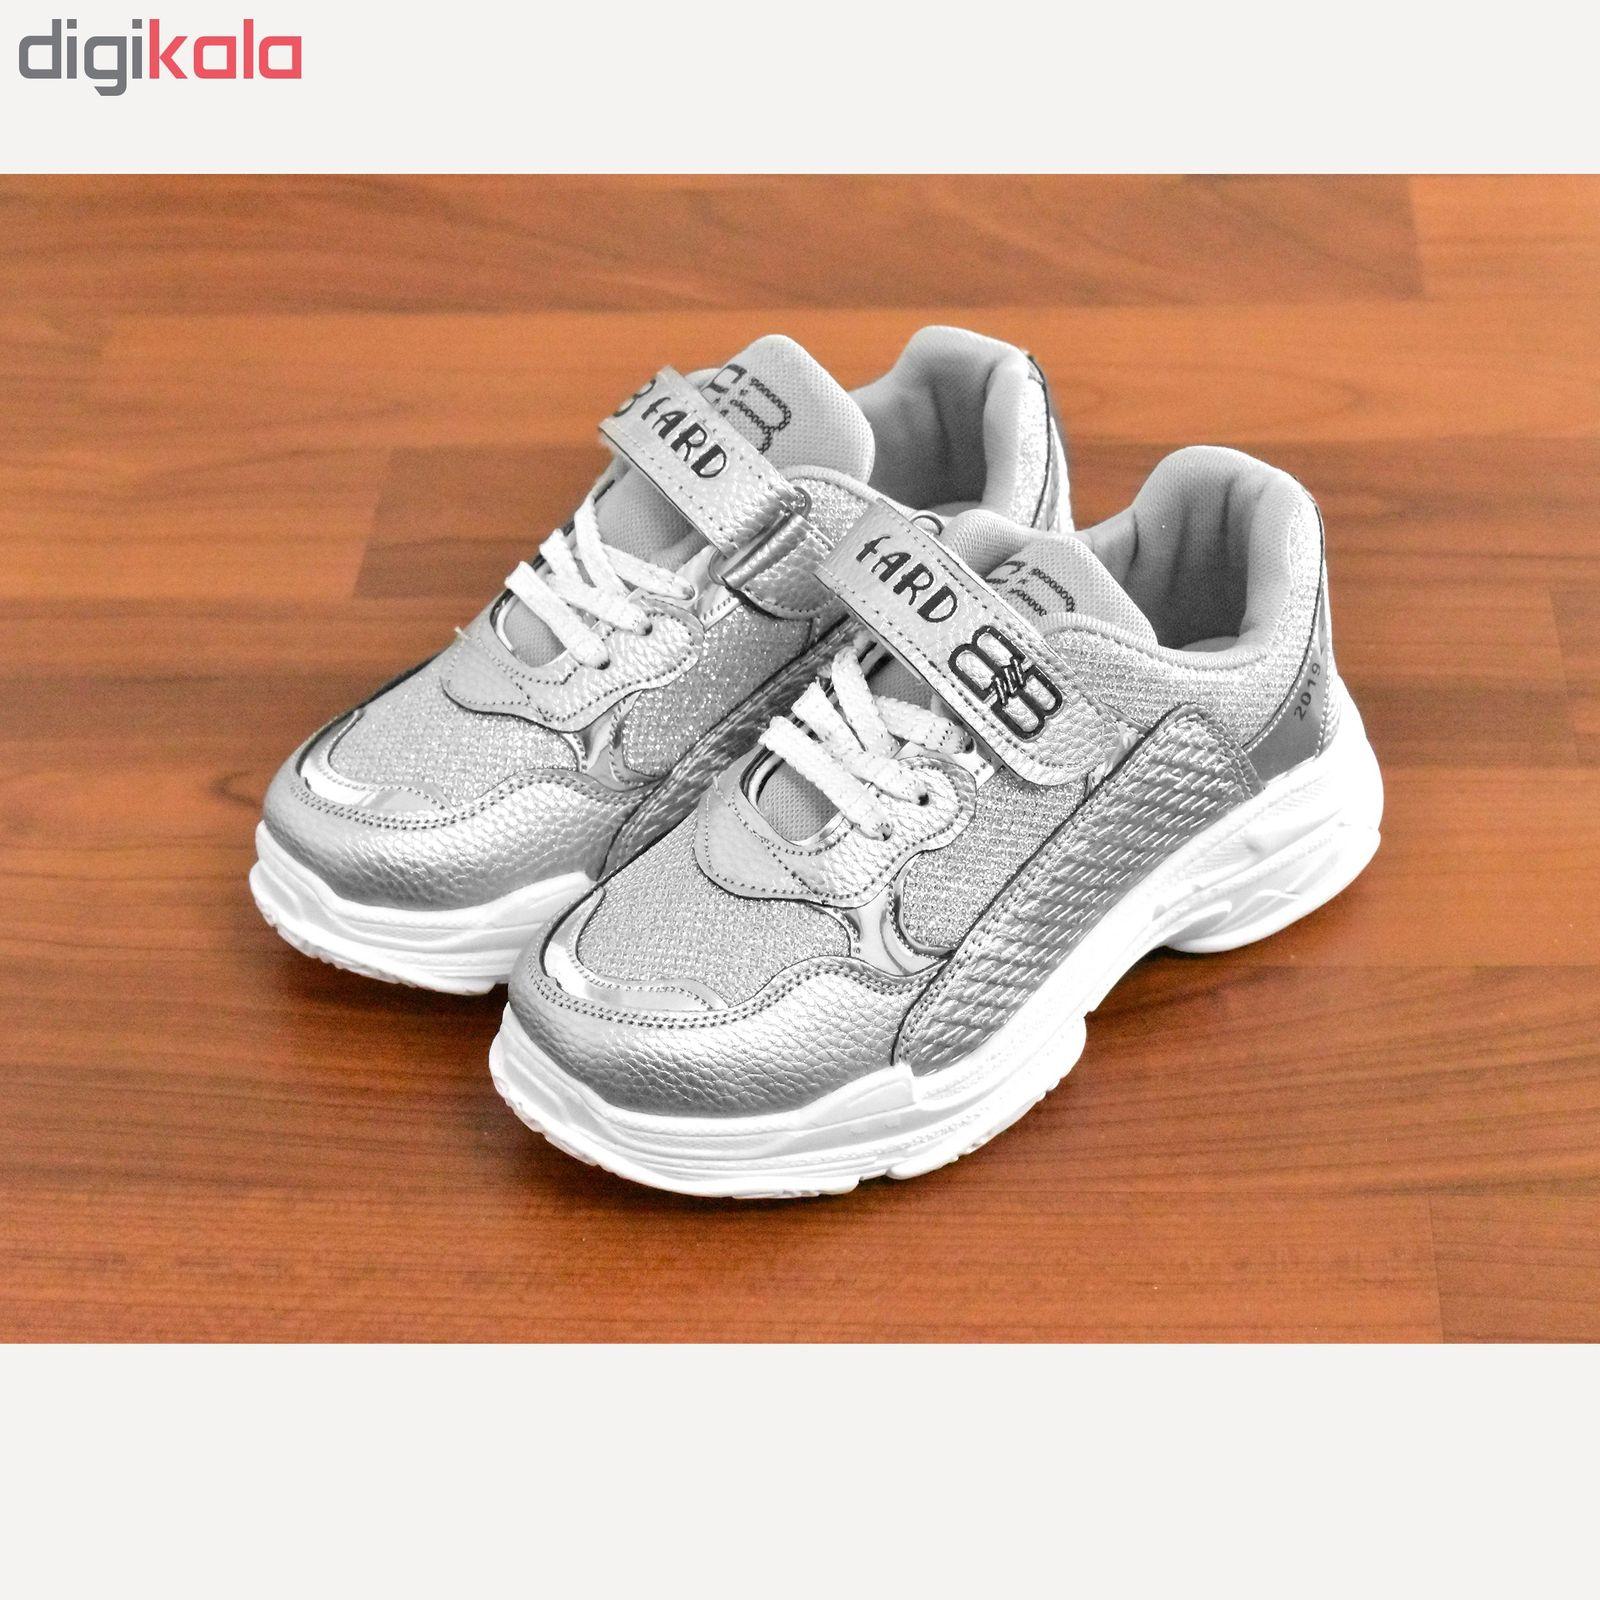 کفش راحتی دخترانه مدل بالی کد 4215 main 1 2